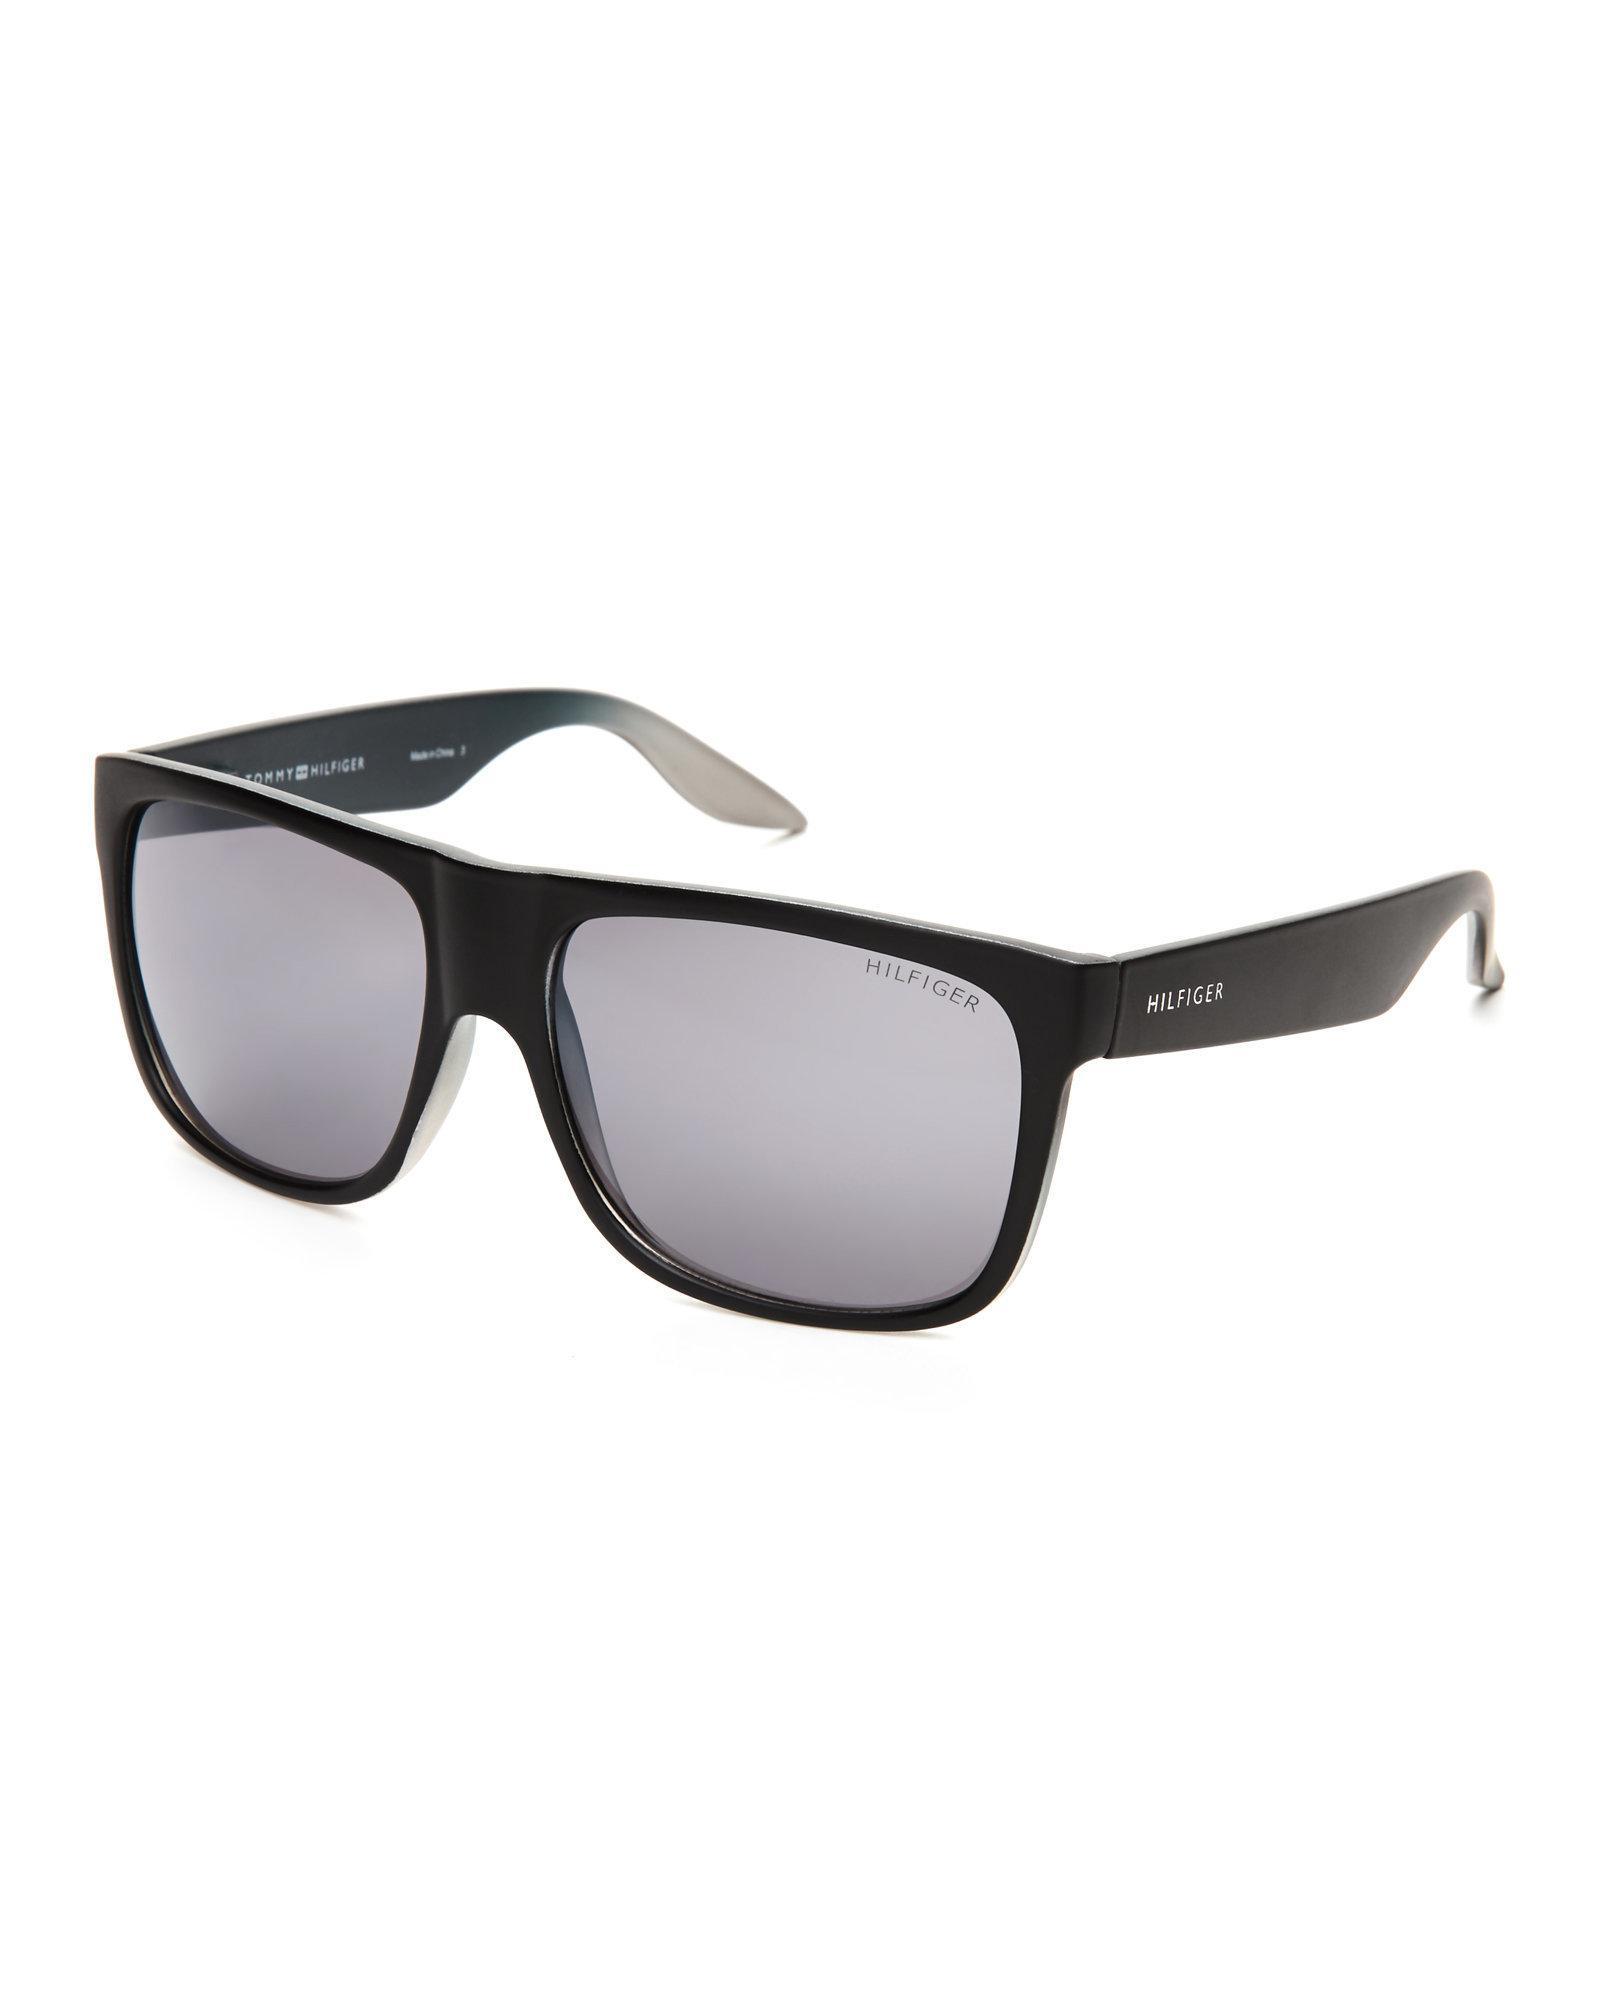 640b8337c64 Lyst - Tommy Hilfiger Black Tanner Wayfarer Sunglasses in Black for Men